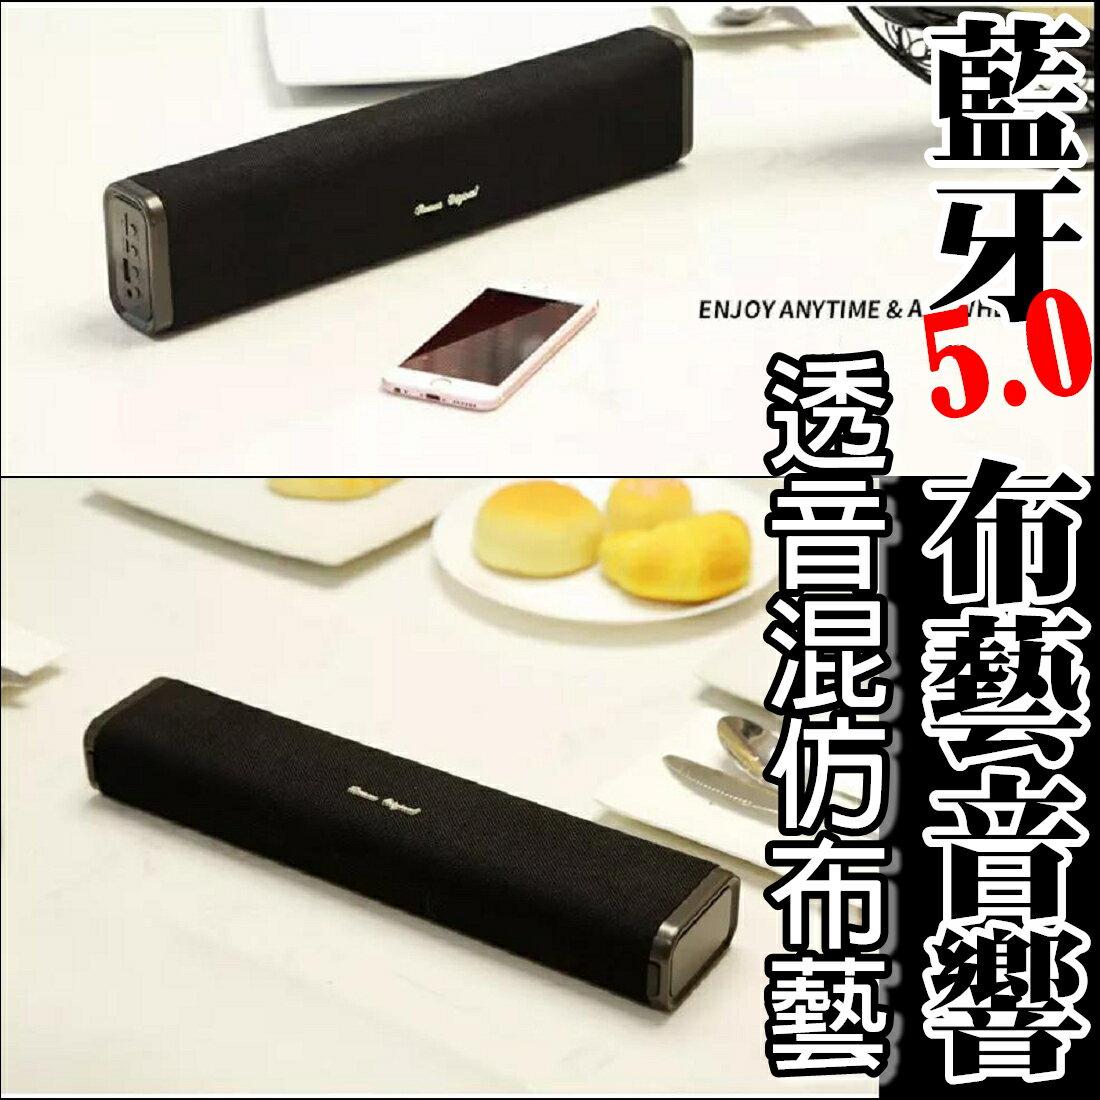 現貨REMAX M33布藝藍芽5.0立體聲音箱 藍芽喇叭 無線喇叭 雙喇叭立體聲道 雙聲道喇叭 支援USB讀卡機 TF卡